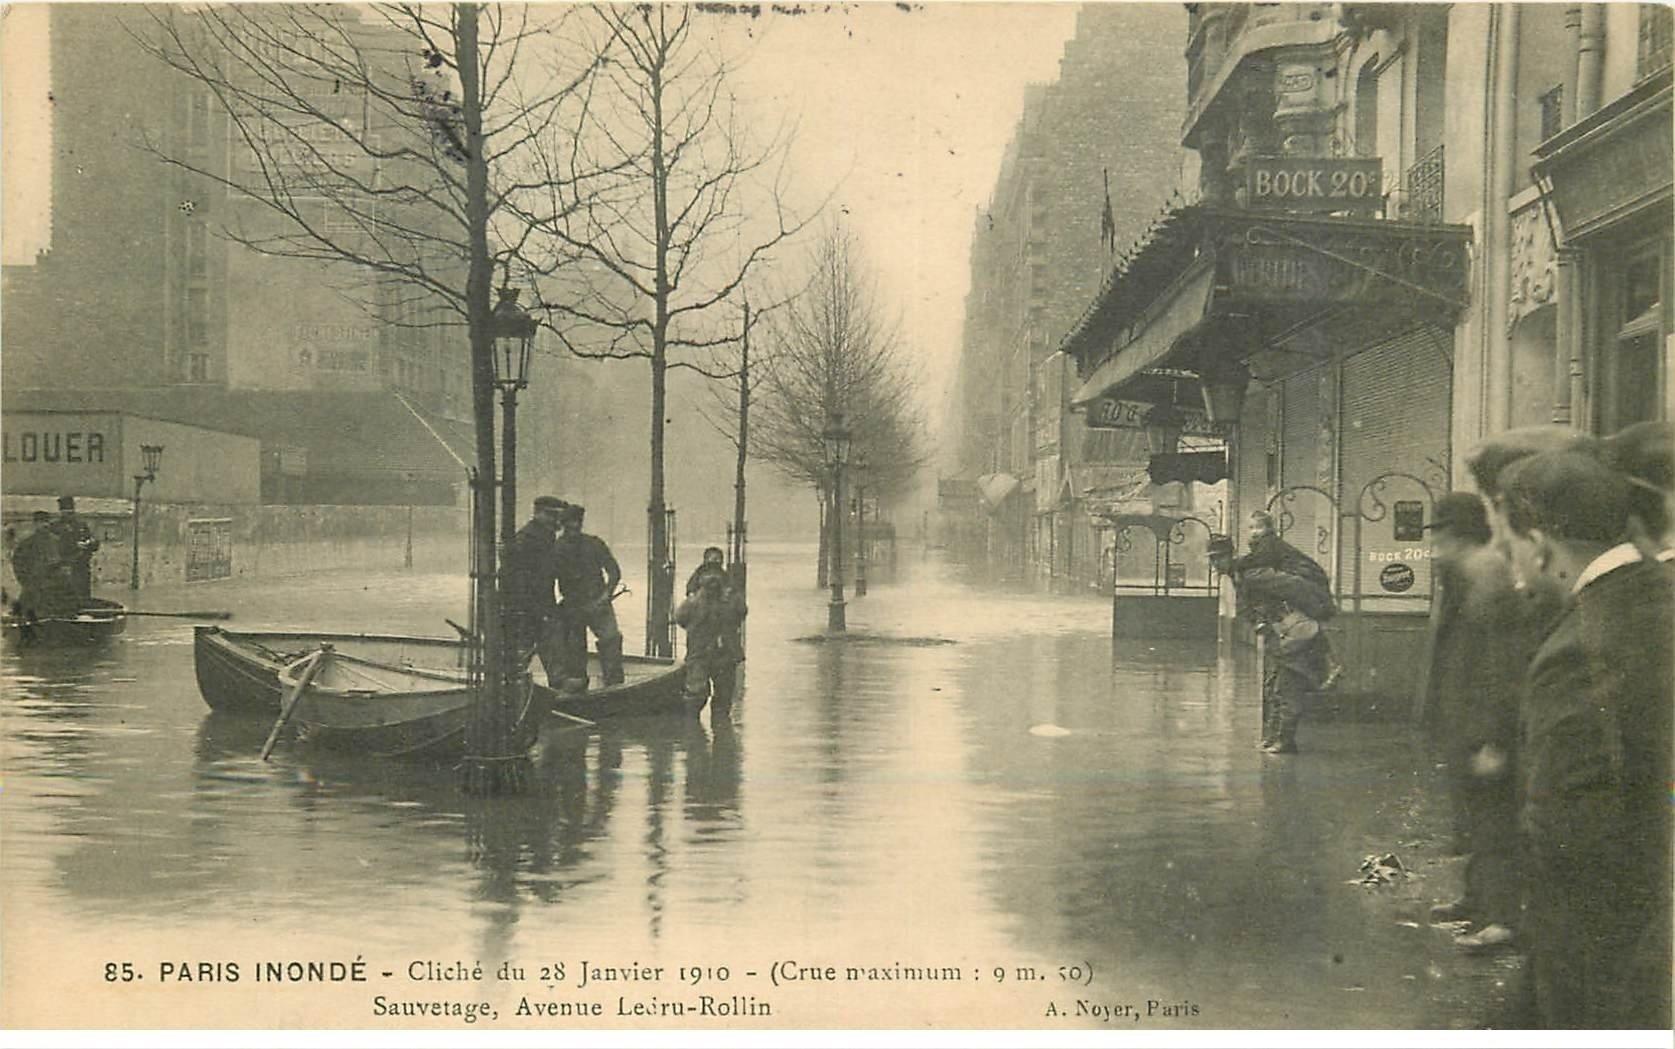 carte postale ancienne INONDATION ET CRUE DE PARIS 1910. Avenue Ledru Rollin sauvetage